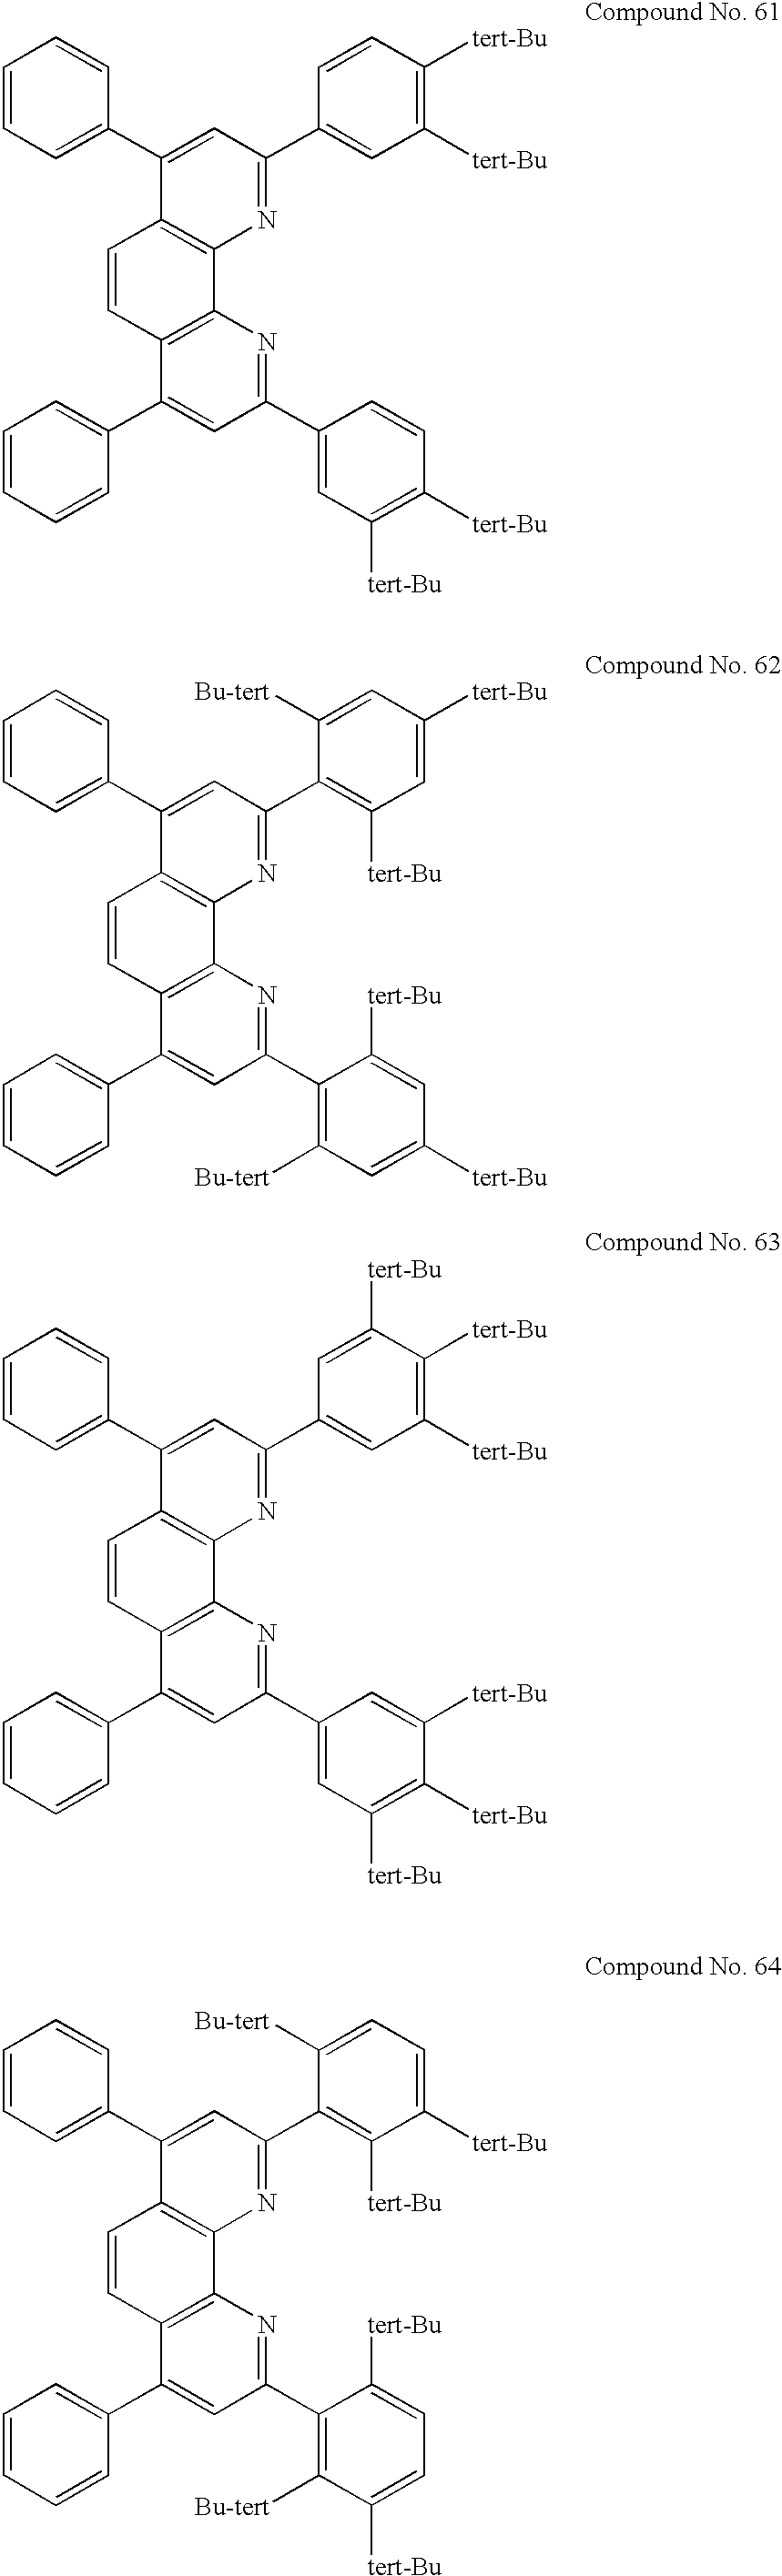 Figure US06524728-20030225-C00018